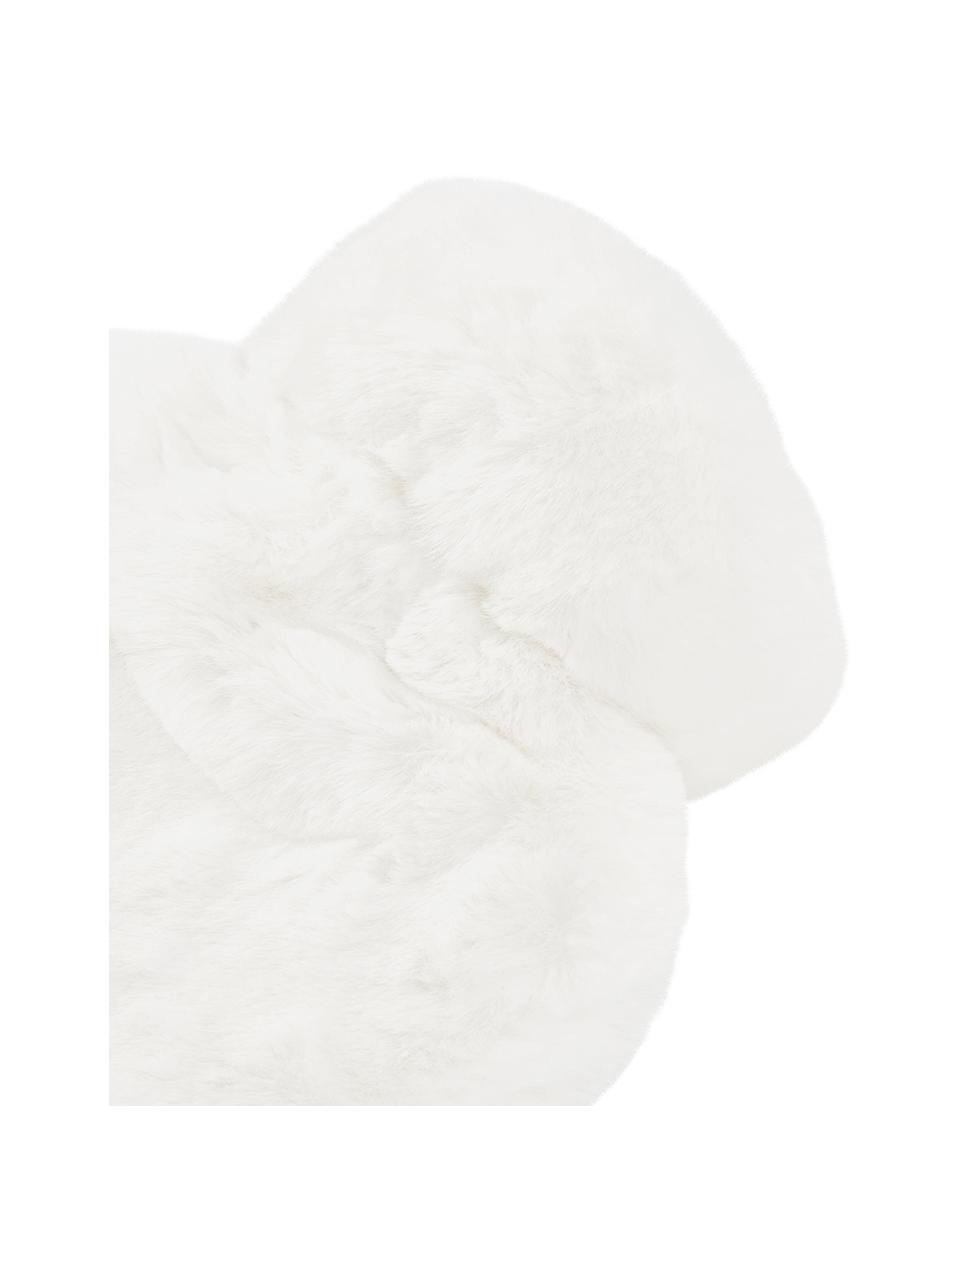 Termofor ze sztucznym futrem Mette, Tapicerka: 100% poliester, Kremowy, S 23 x D 35 cm